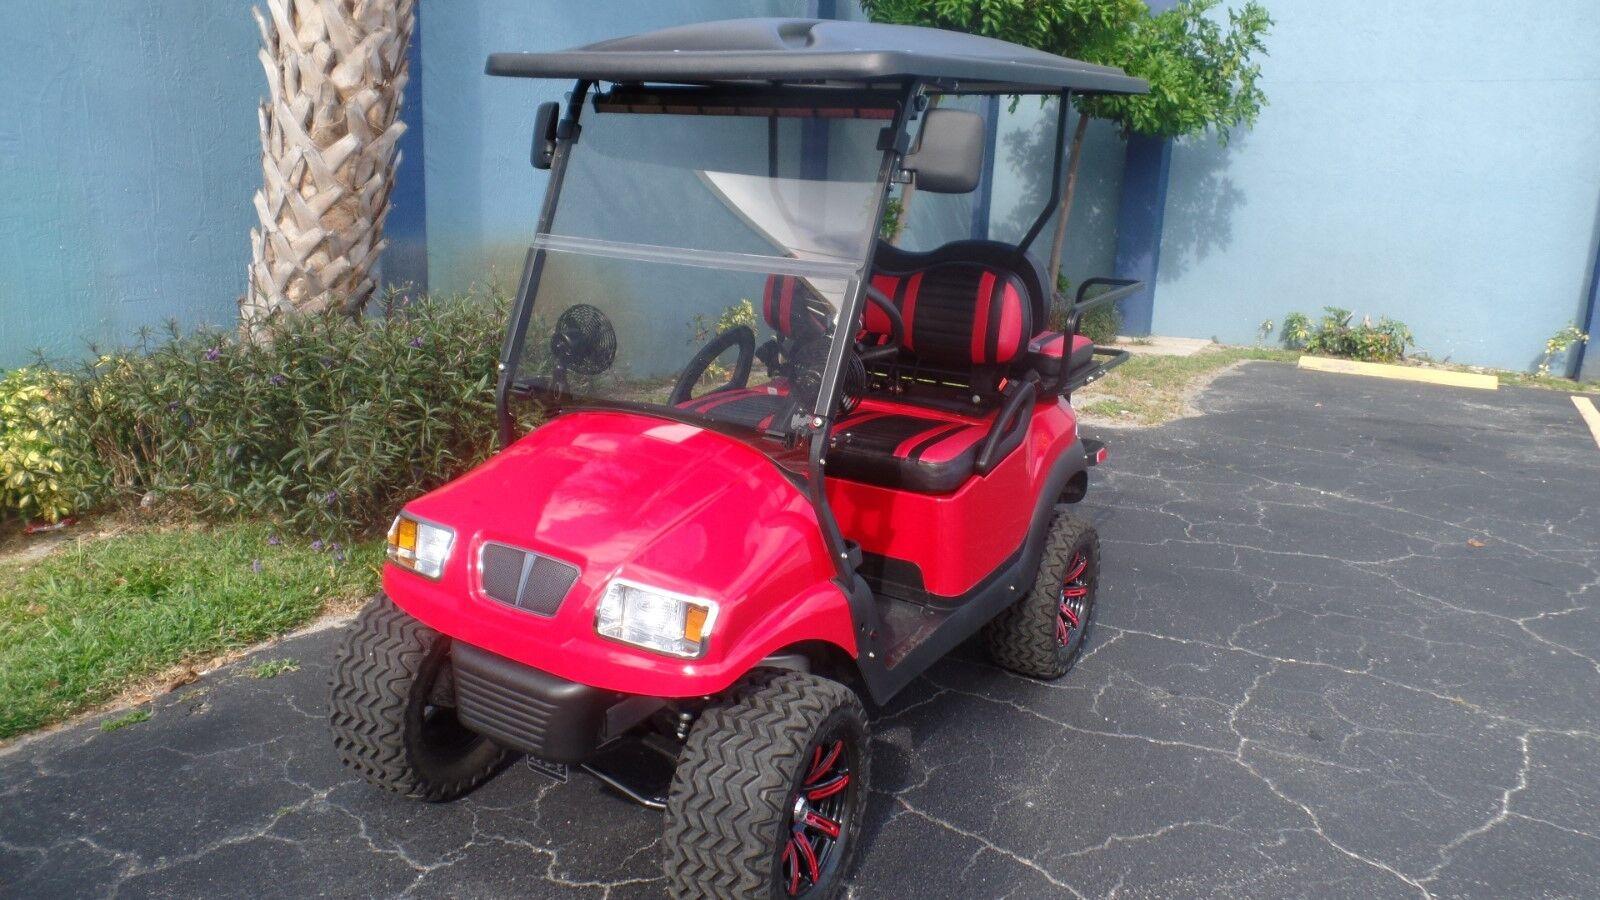 club car precedent golf cart new phantom body cowl set